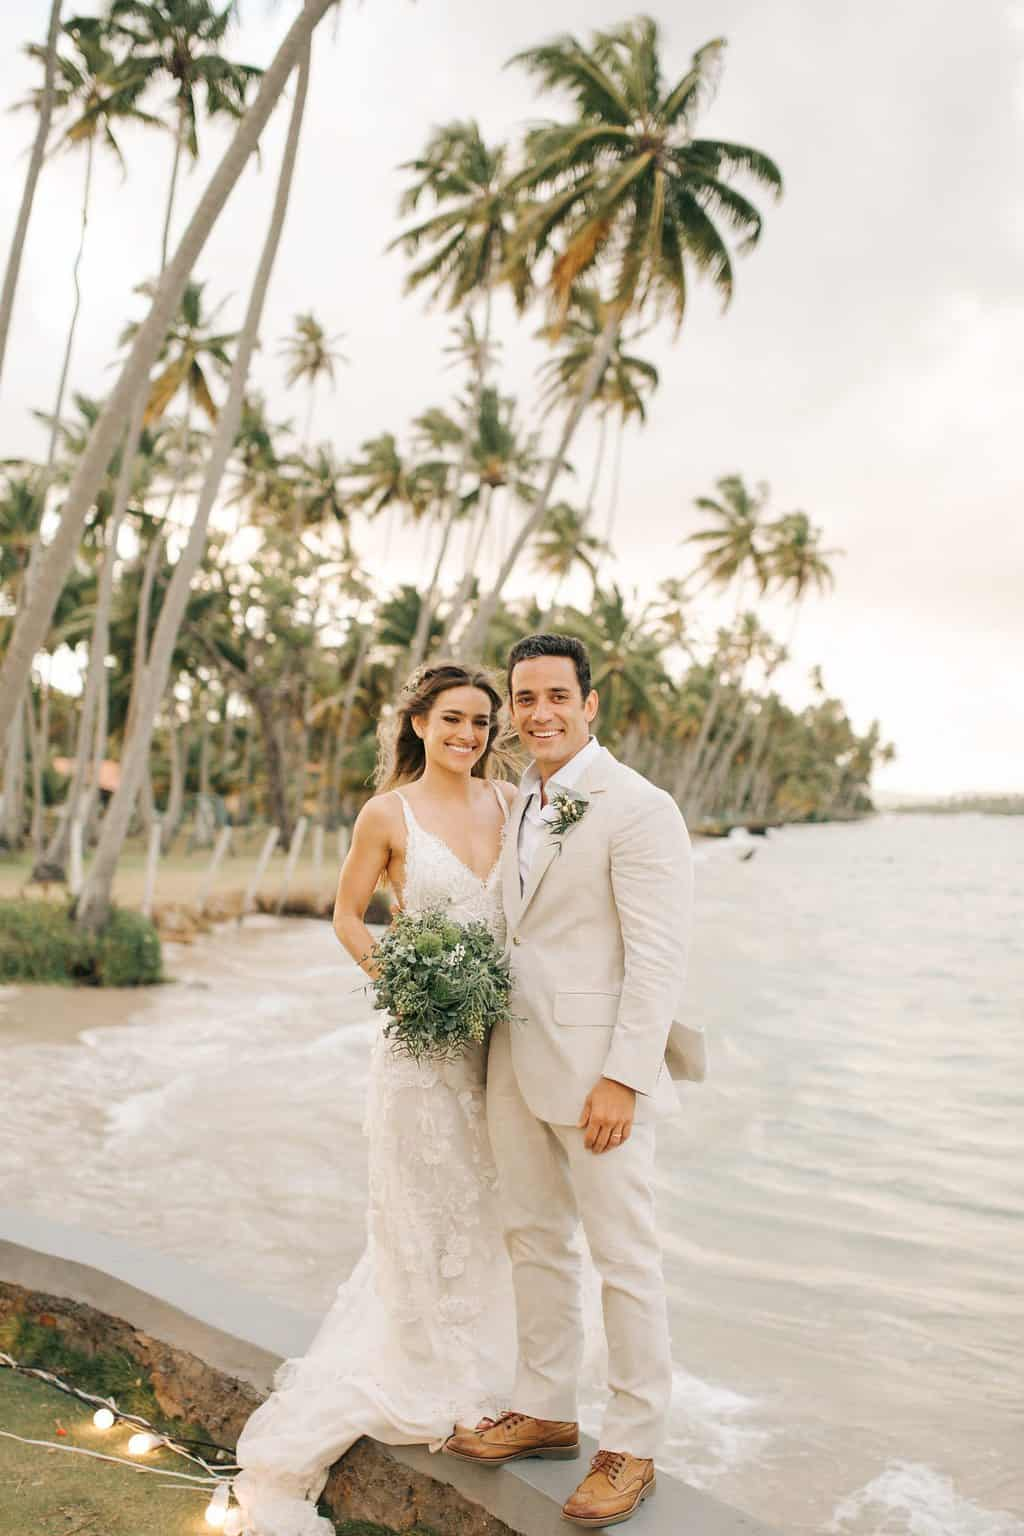 casamento-Danielle-e-Guilherme-aloha-fotografia-caseme-104